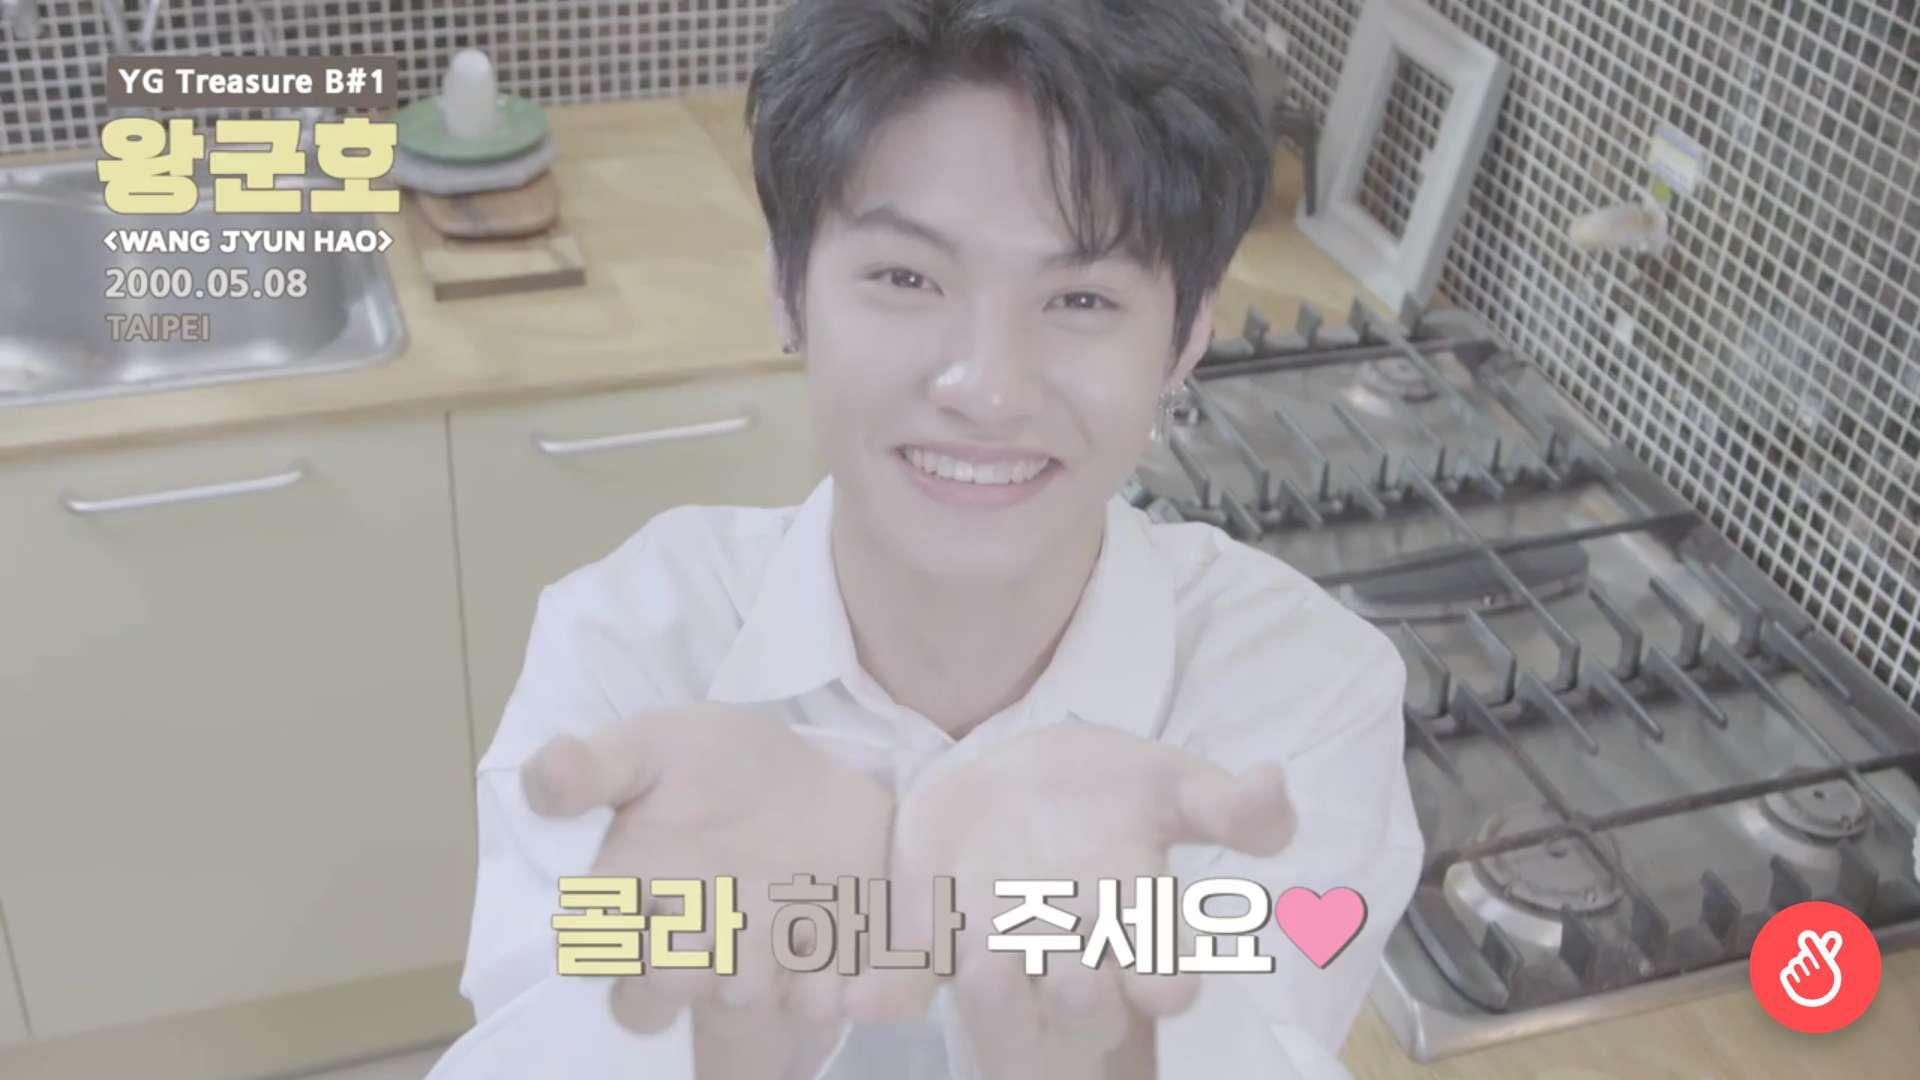 他也害羞的說了覺得韓文真的好難啊!而因為自己喜歡喝可樂,最喜歡的韓文就是'콜라 하나 주세요'(請給我一瓶可樂),真的是太可愛啦!